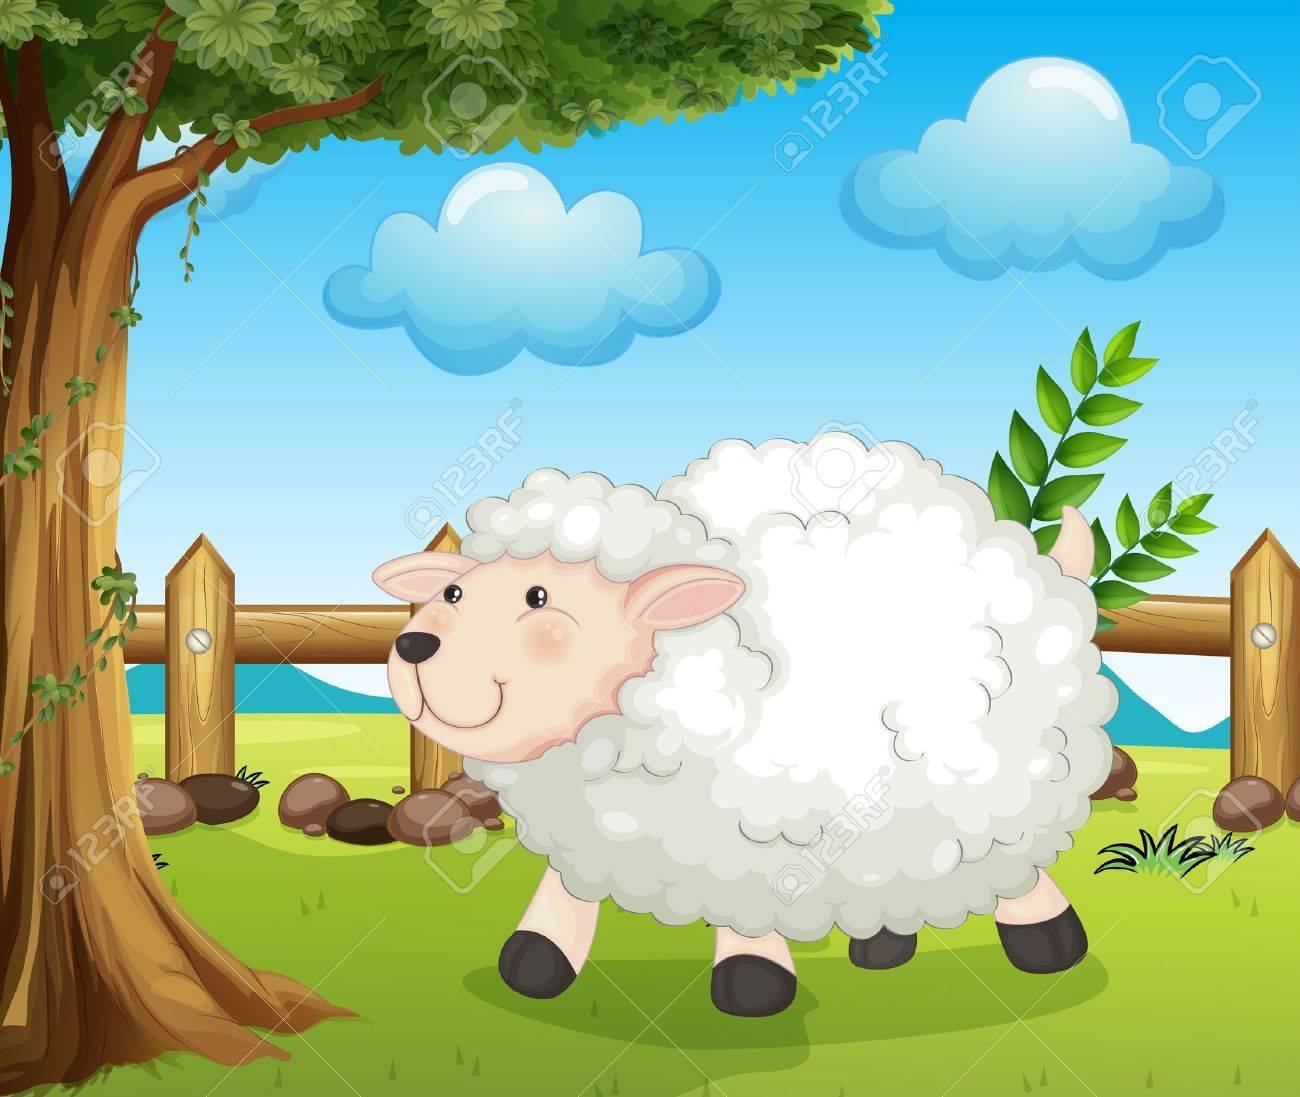 36 493 sheep cliparts stock vector and royalty free sheep